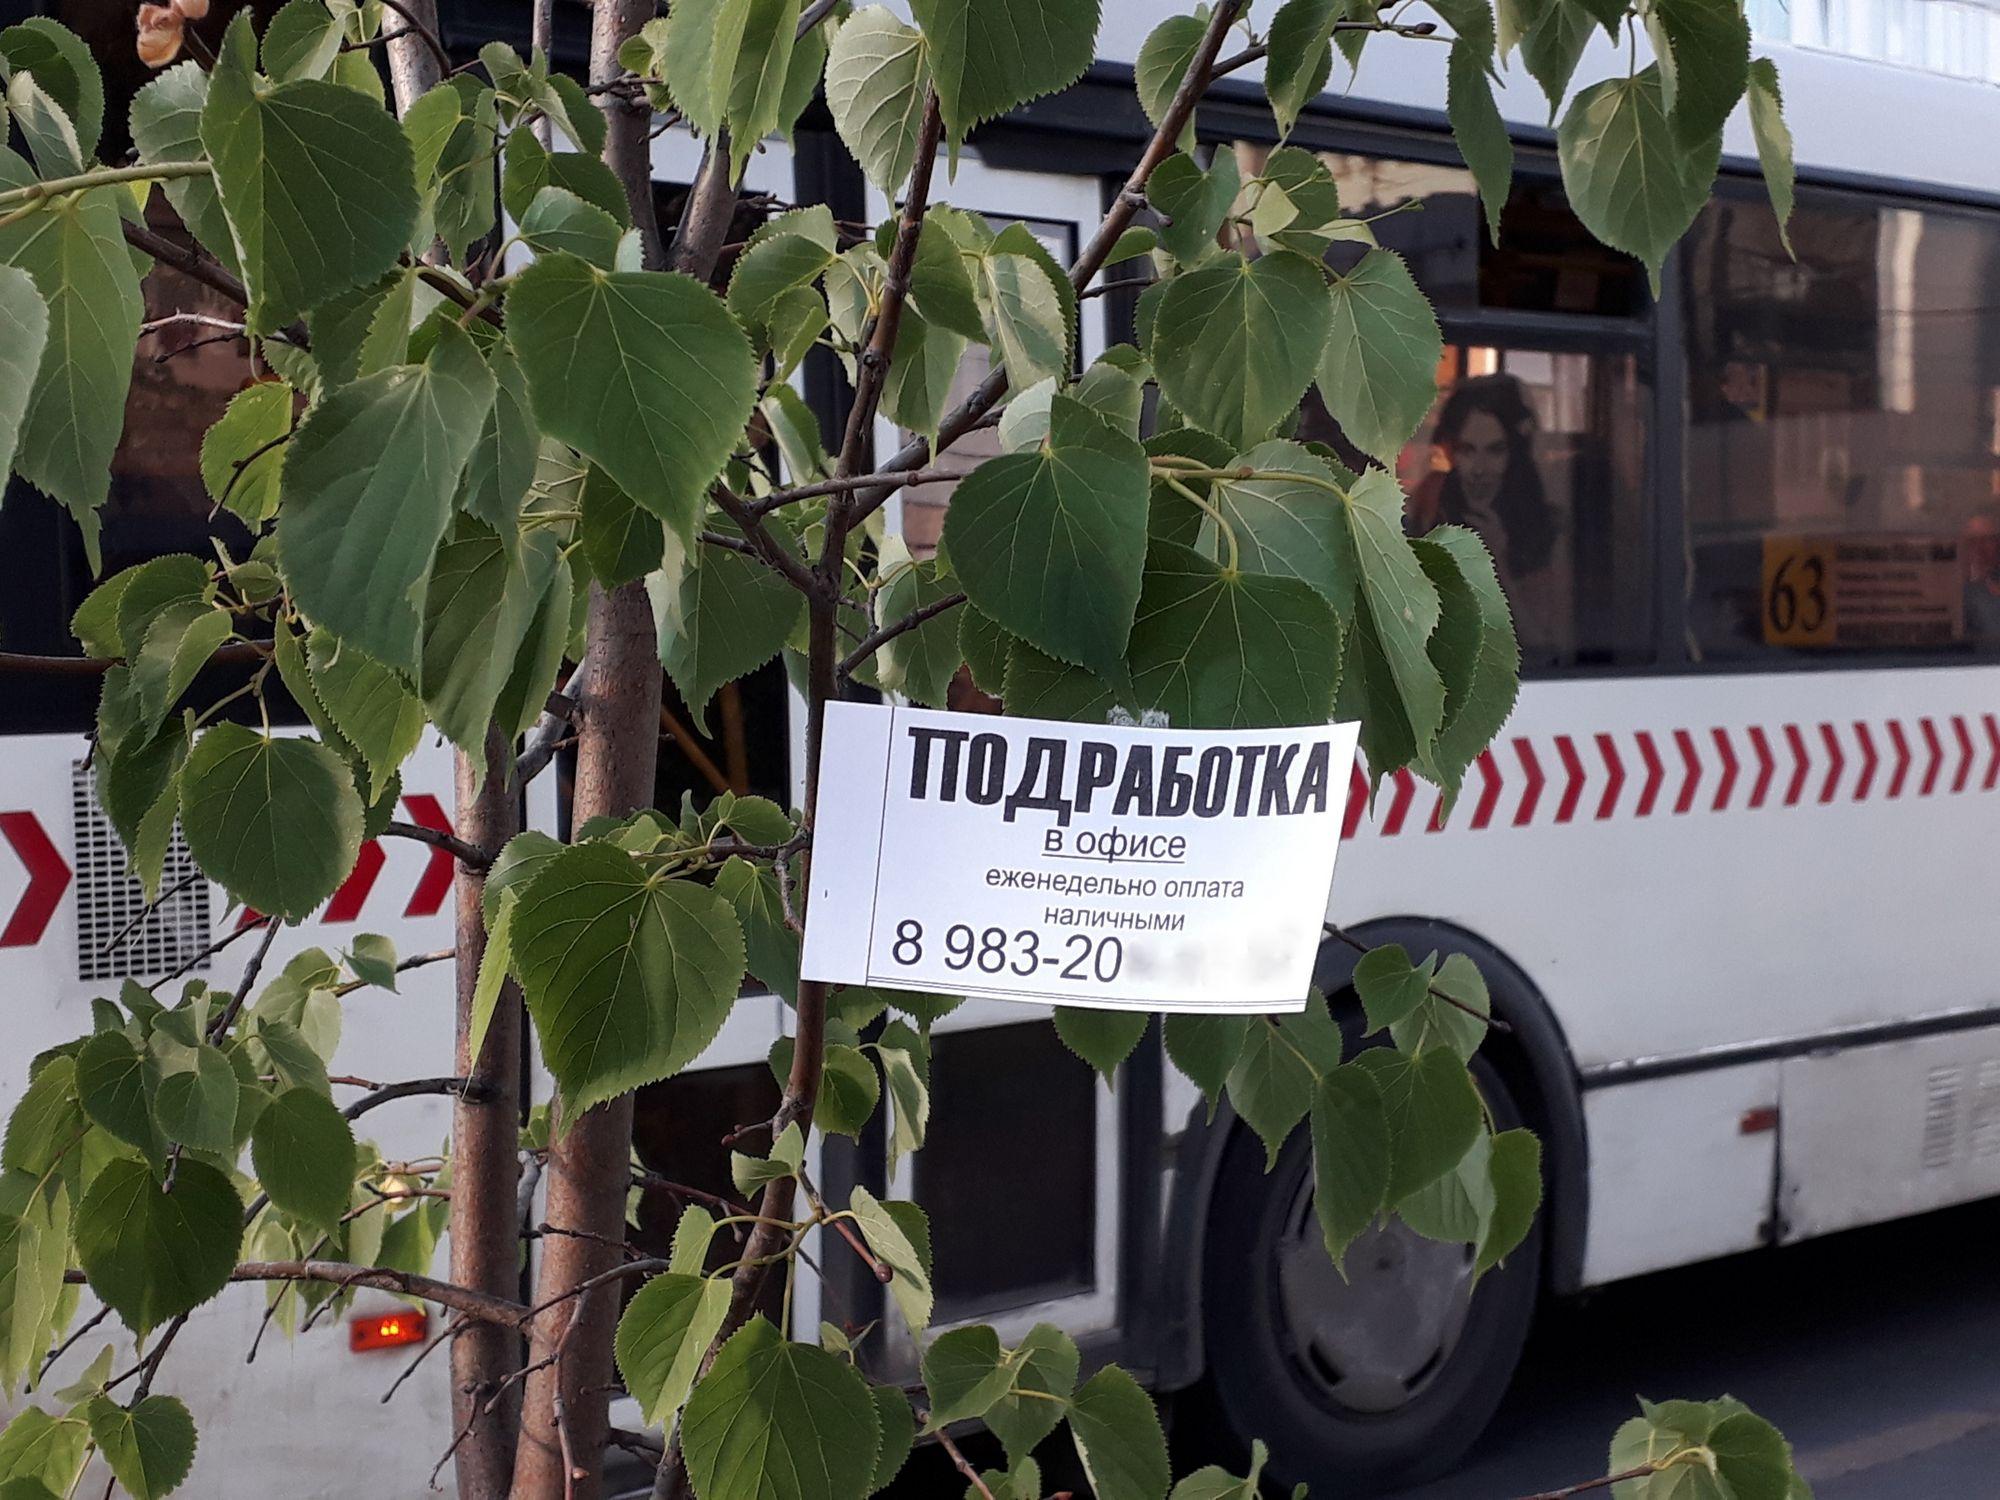 В центре Красноярска ликвидируют незаконную рекламу